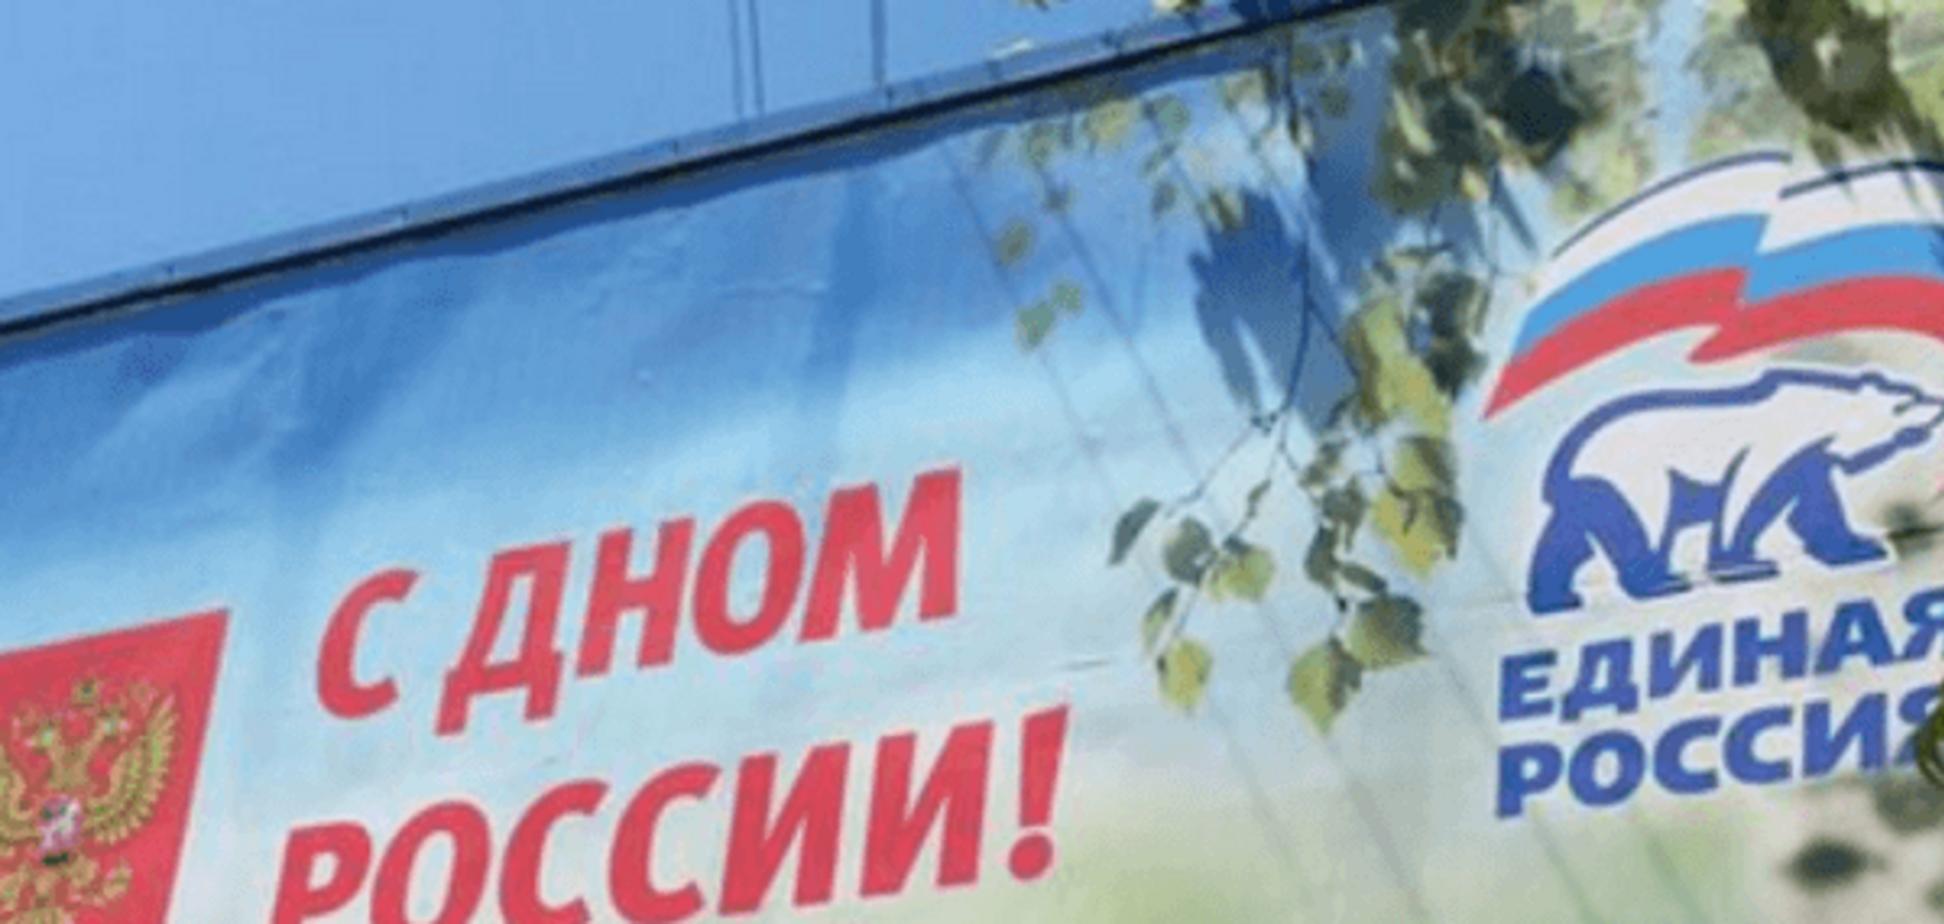 Вони безпробудно п'ють: Слава Рабинович про передчуття невідворотного економічного колапсу в Росії